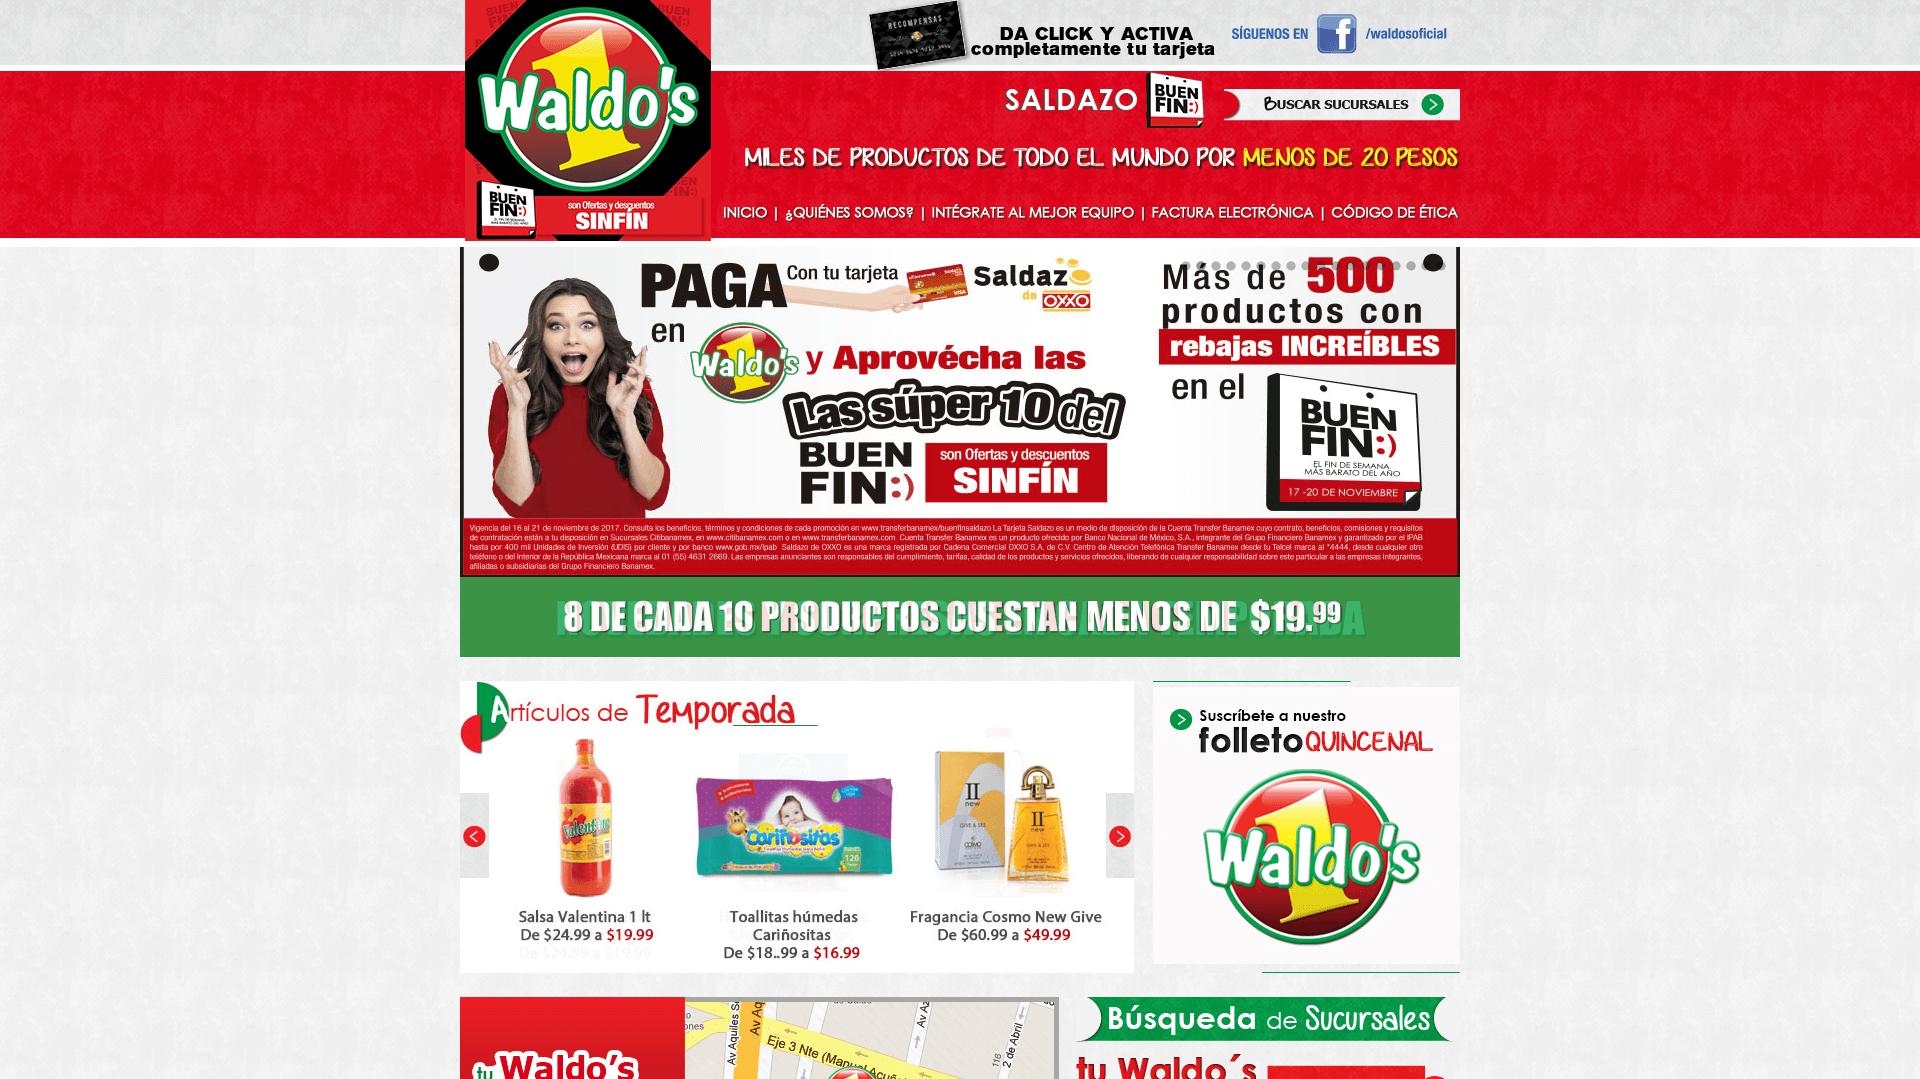 Promociones de Waldos